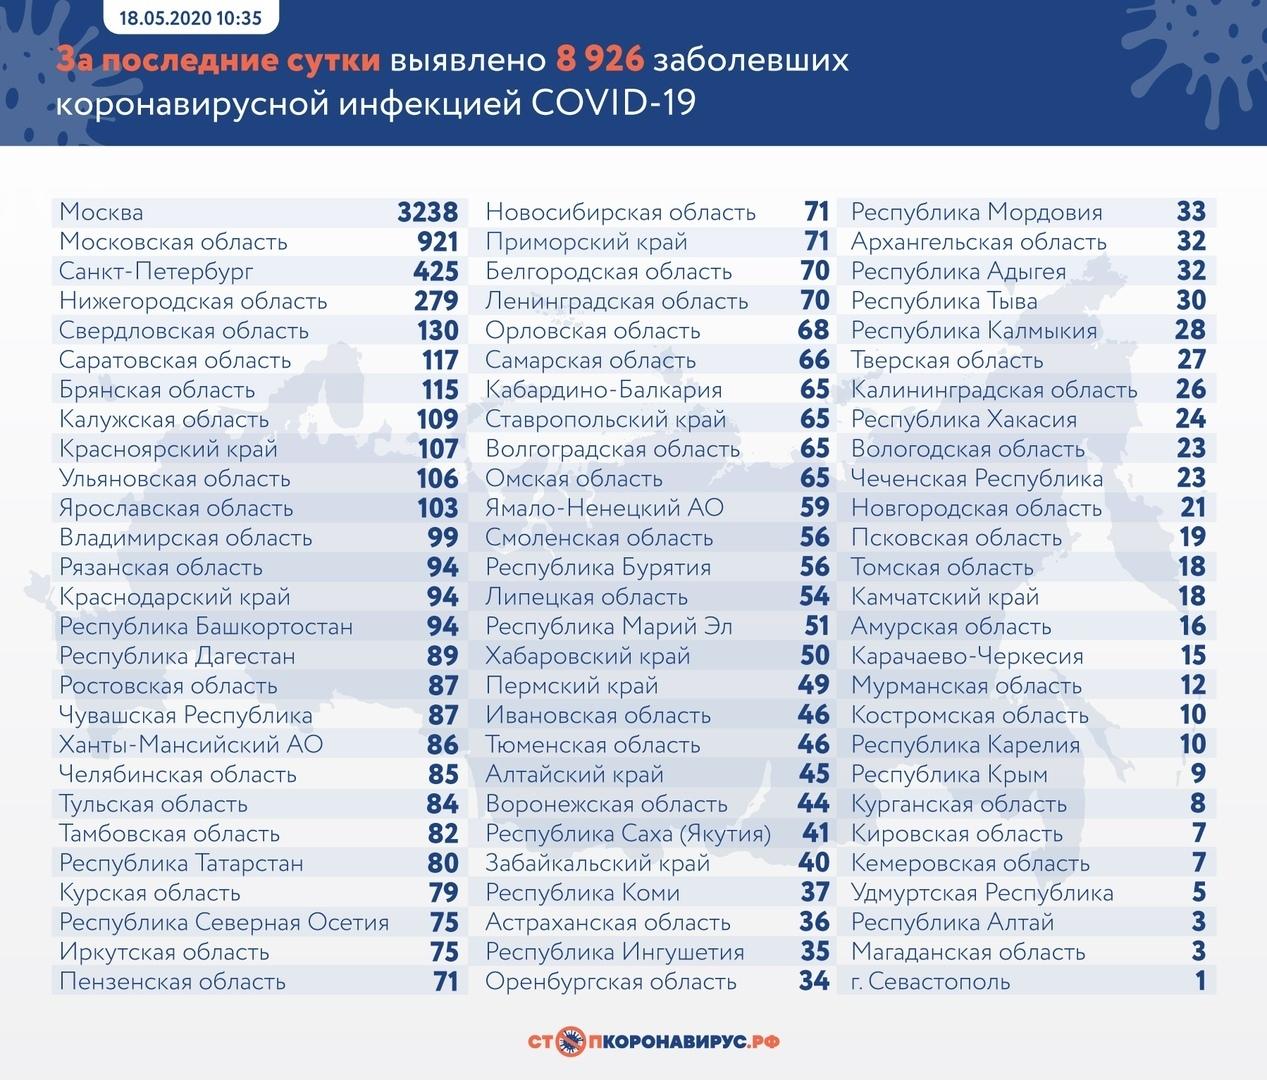 В Самарской области умер десятый пациент с коронавирусом